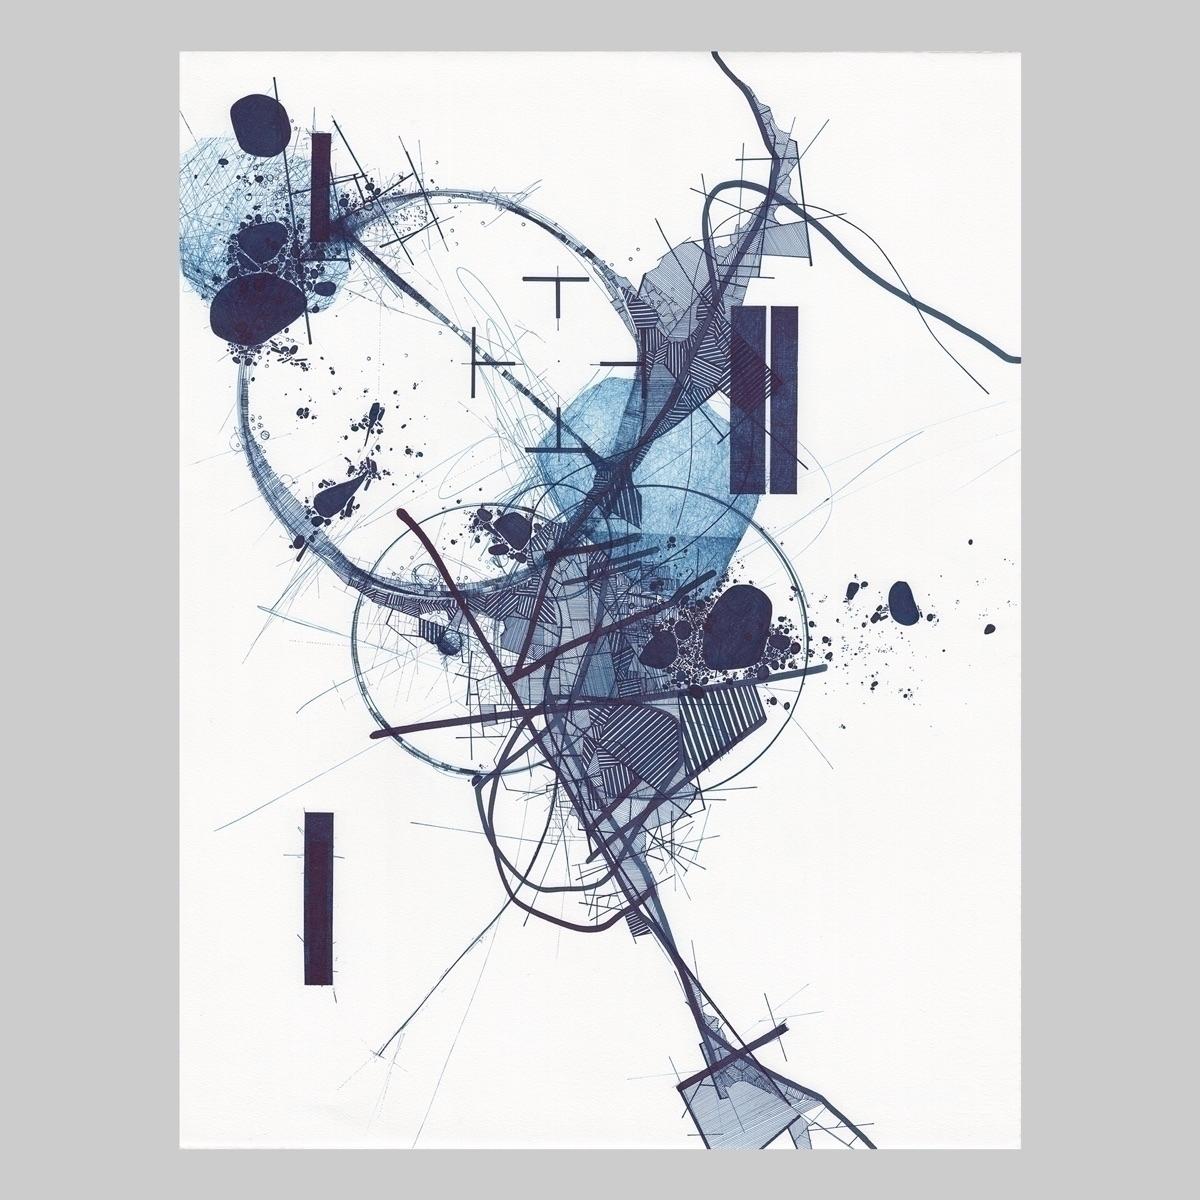 Asvirus 67, 2016 Ink paper 26 2 - dereklerner | ello